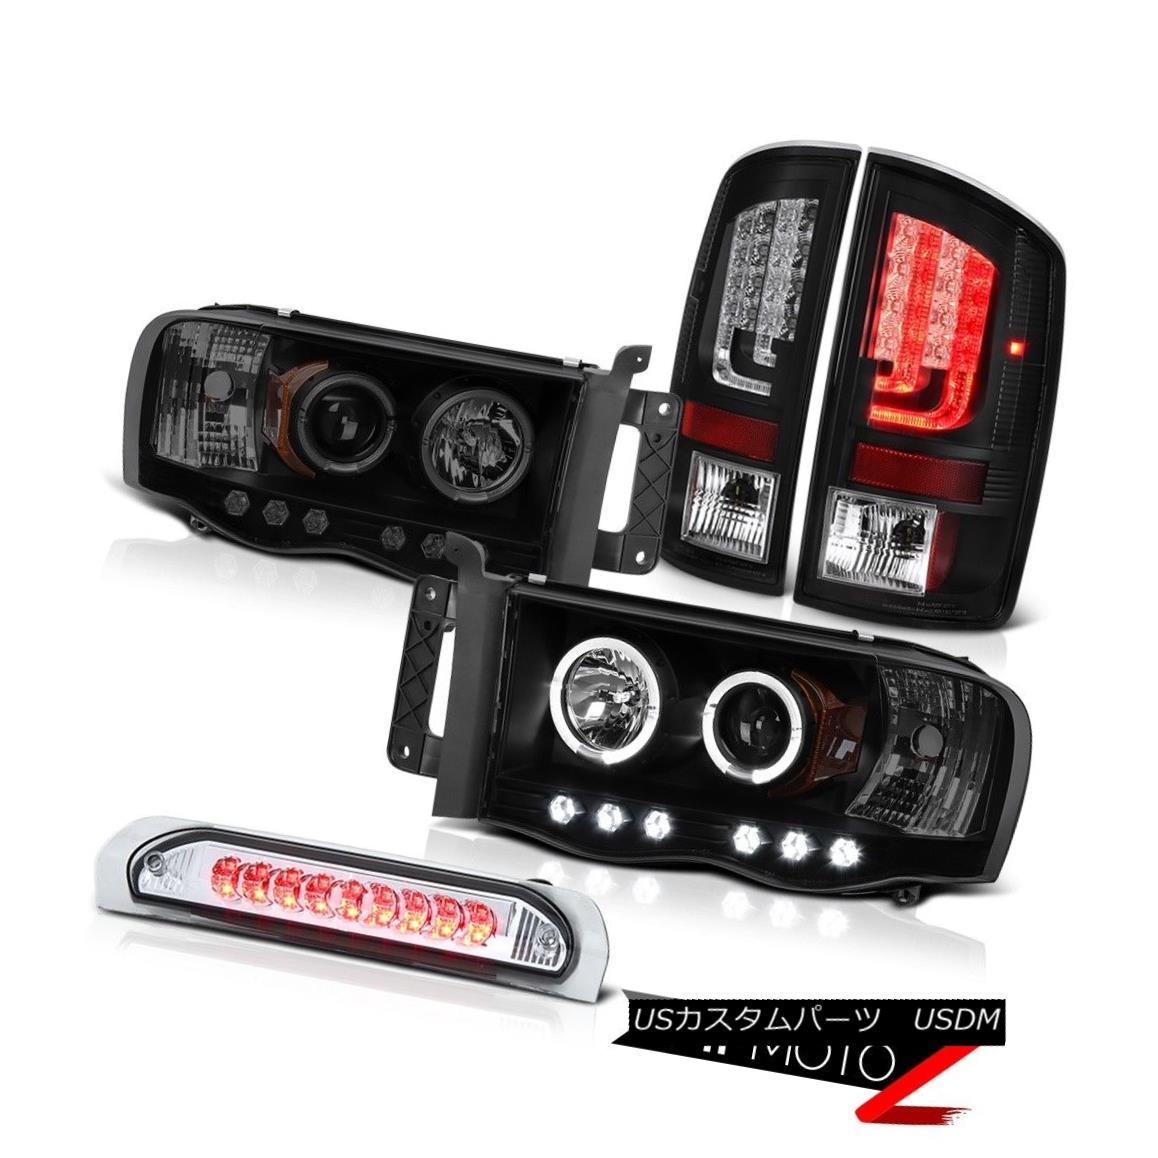 テールライト 2003-2005 Dodge Ram 3500 WS Tail Lights Headlamps Roof Cab Light